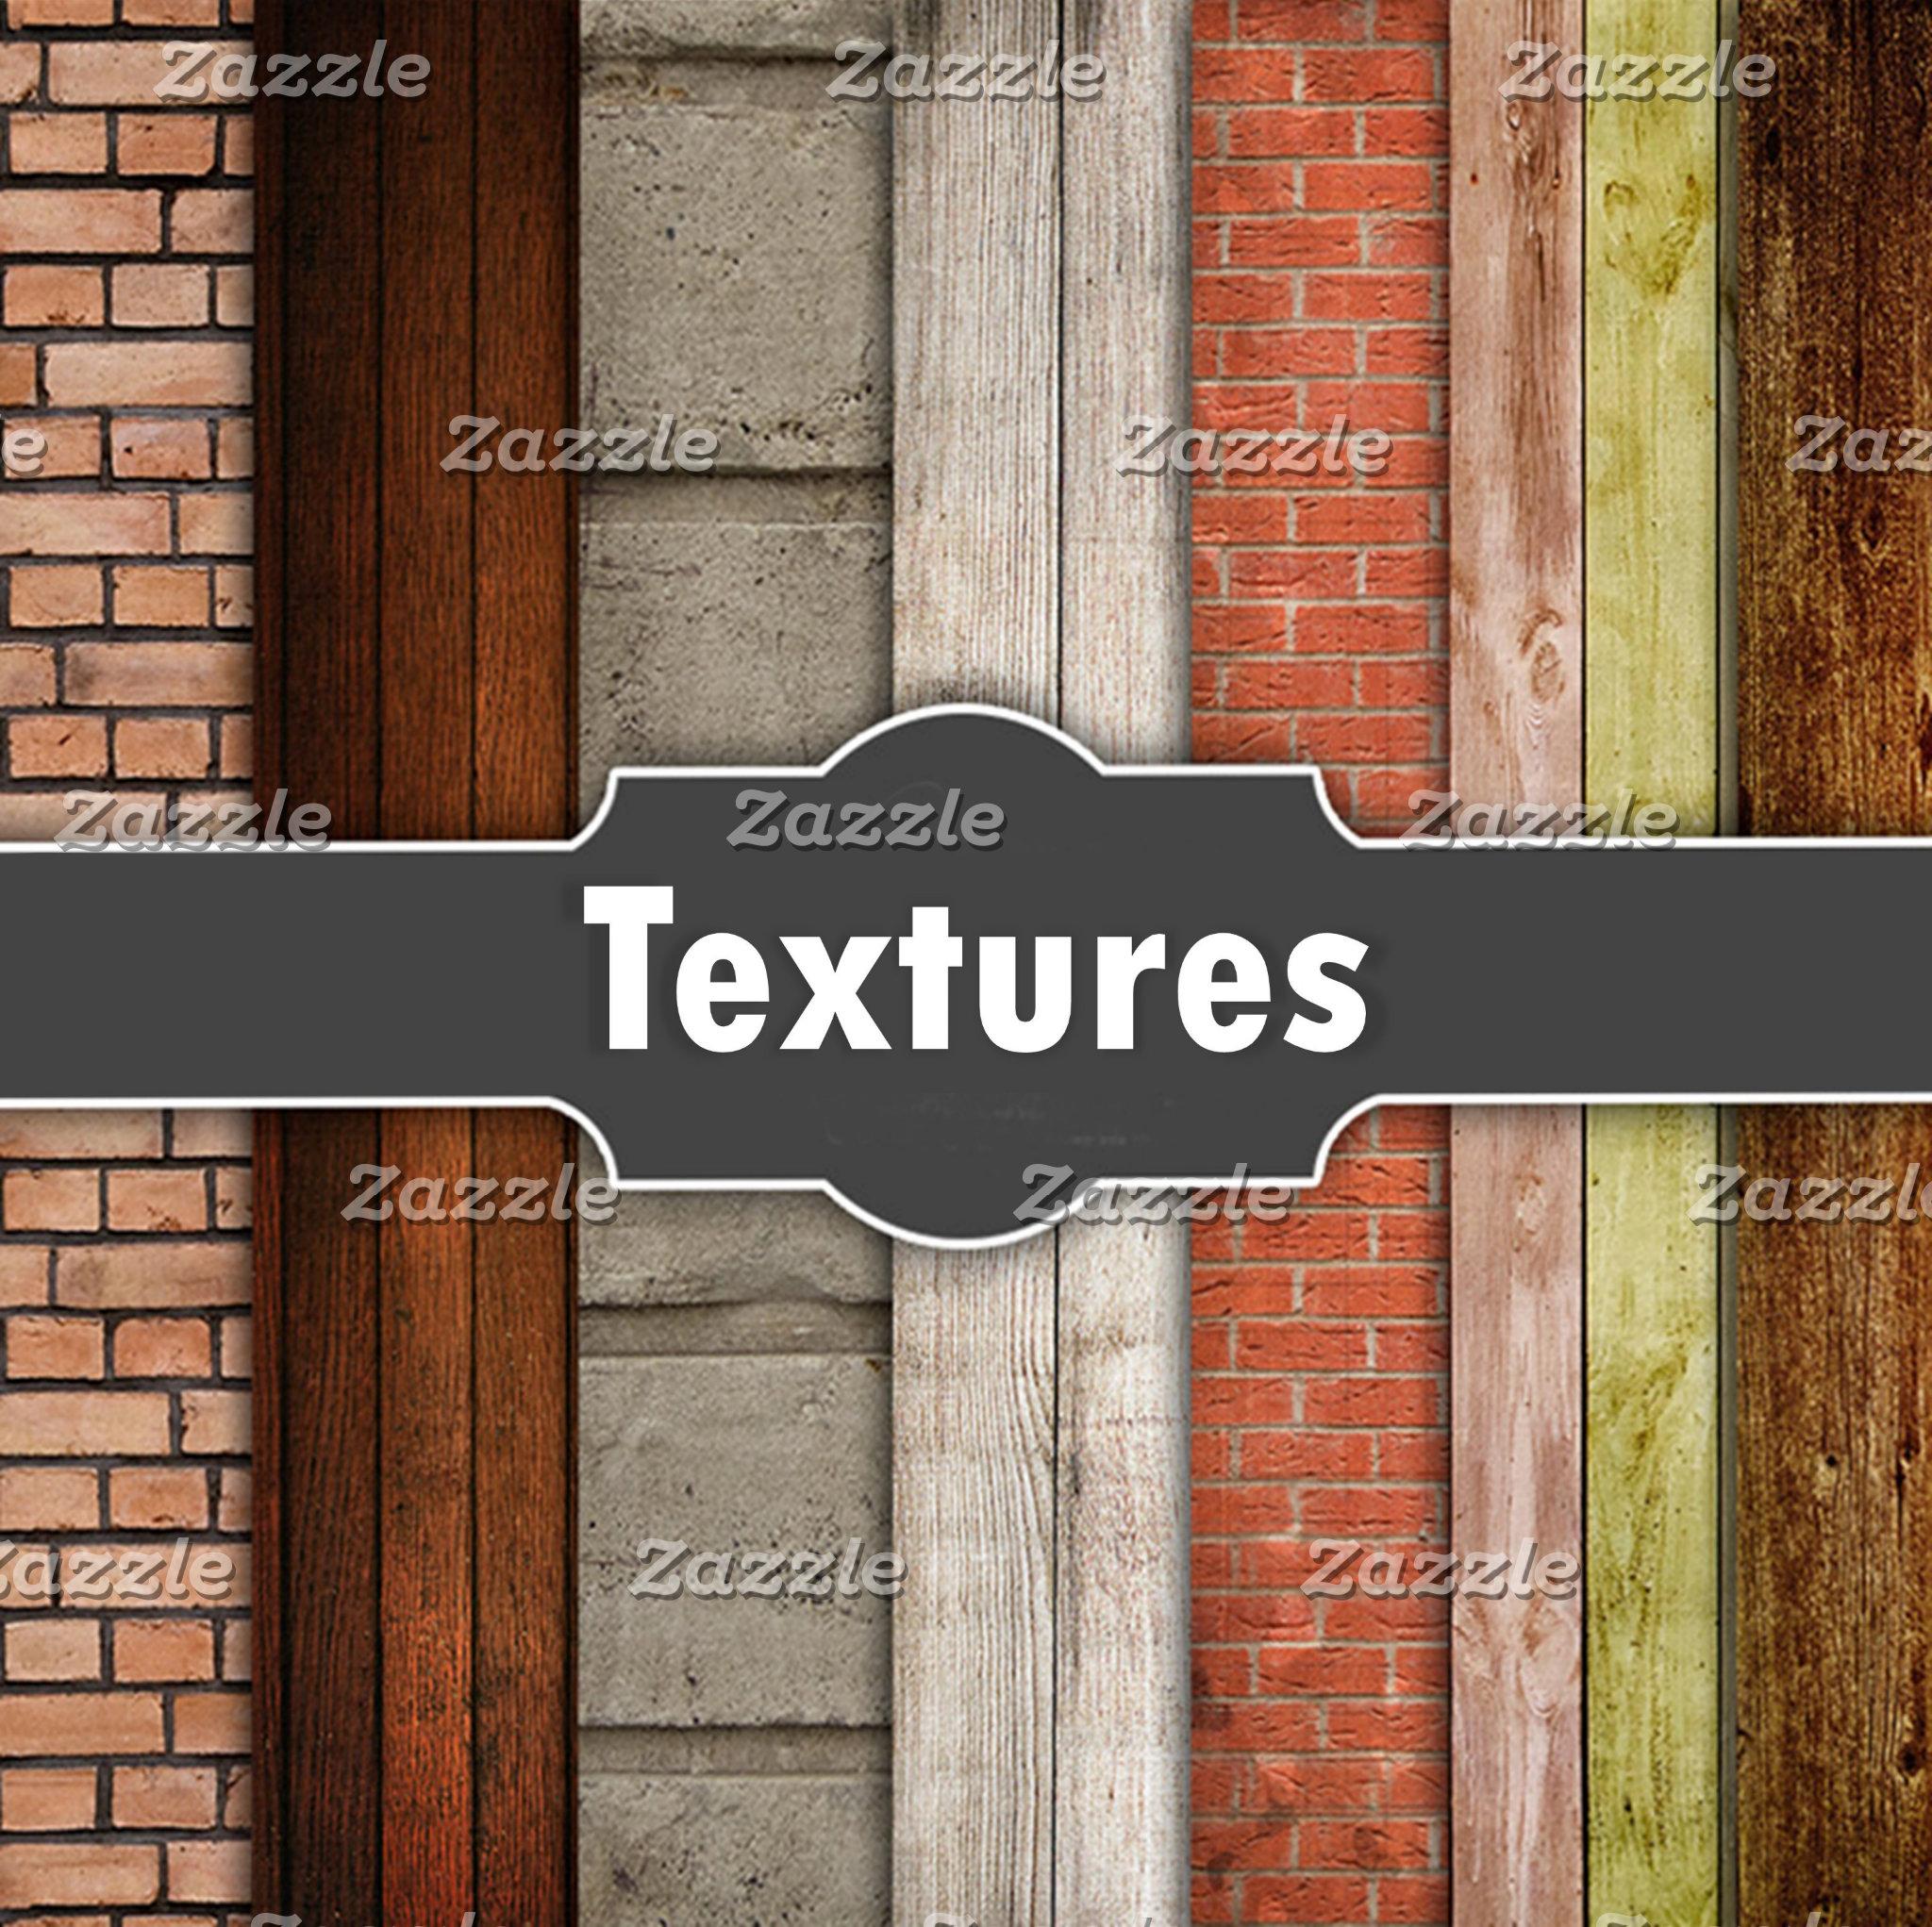 * Textures